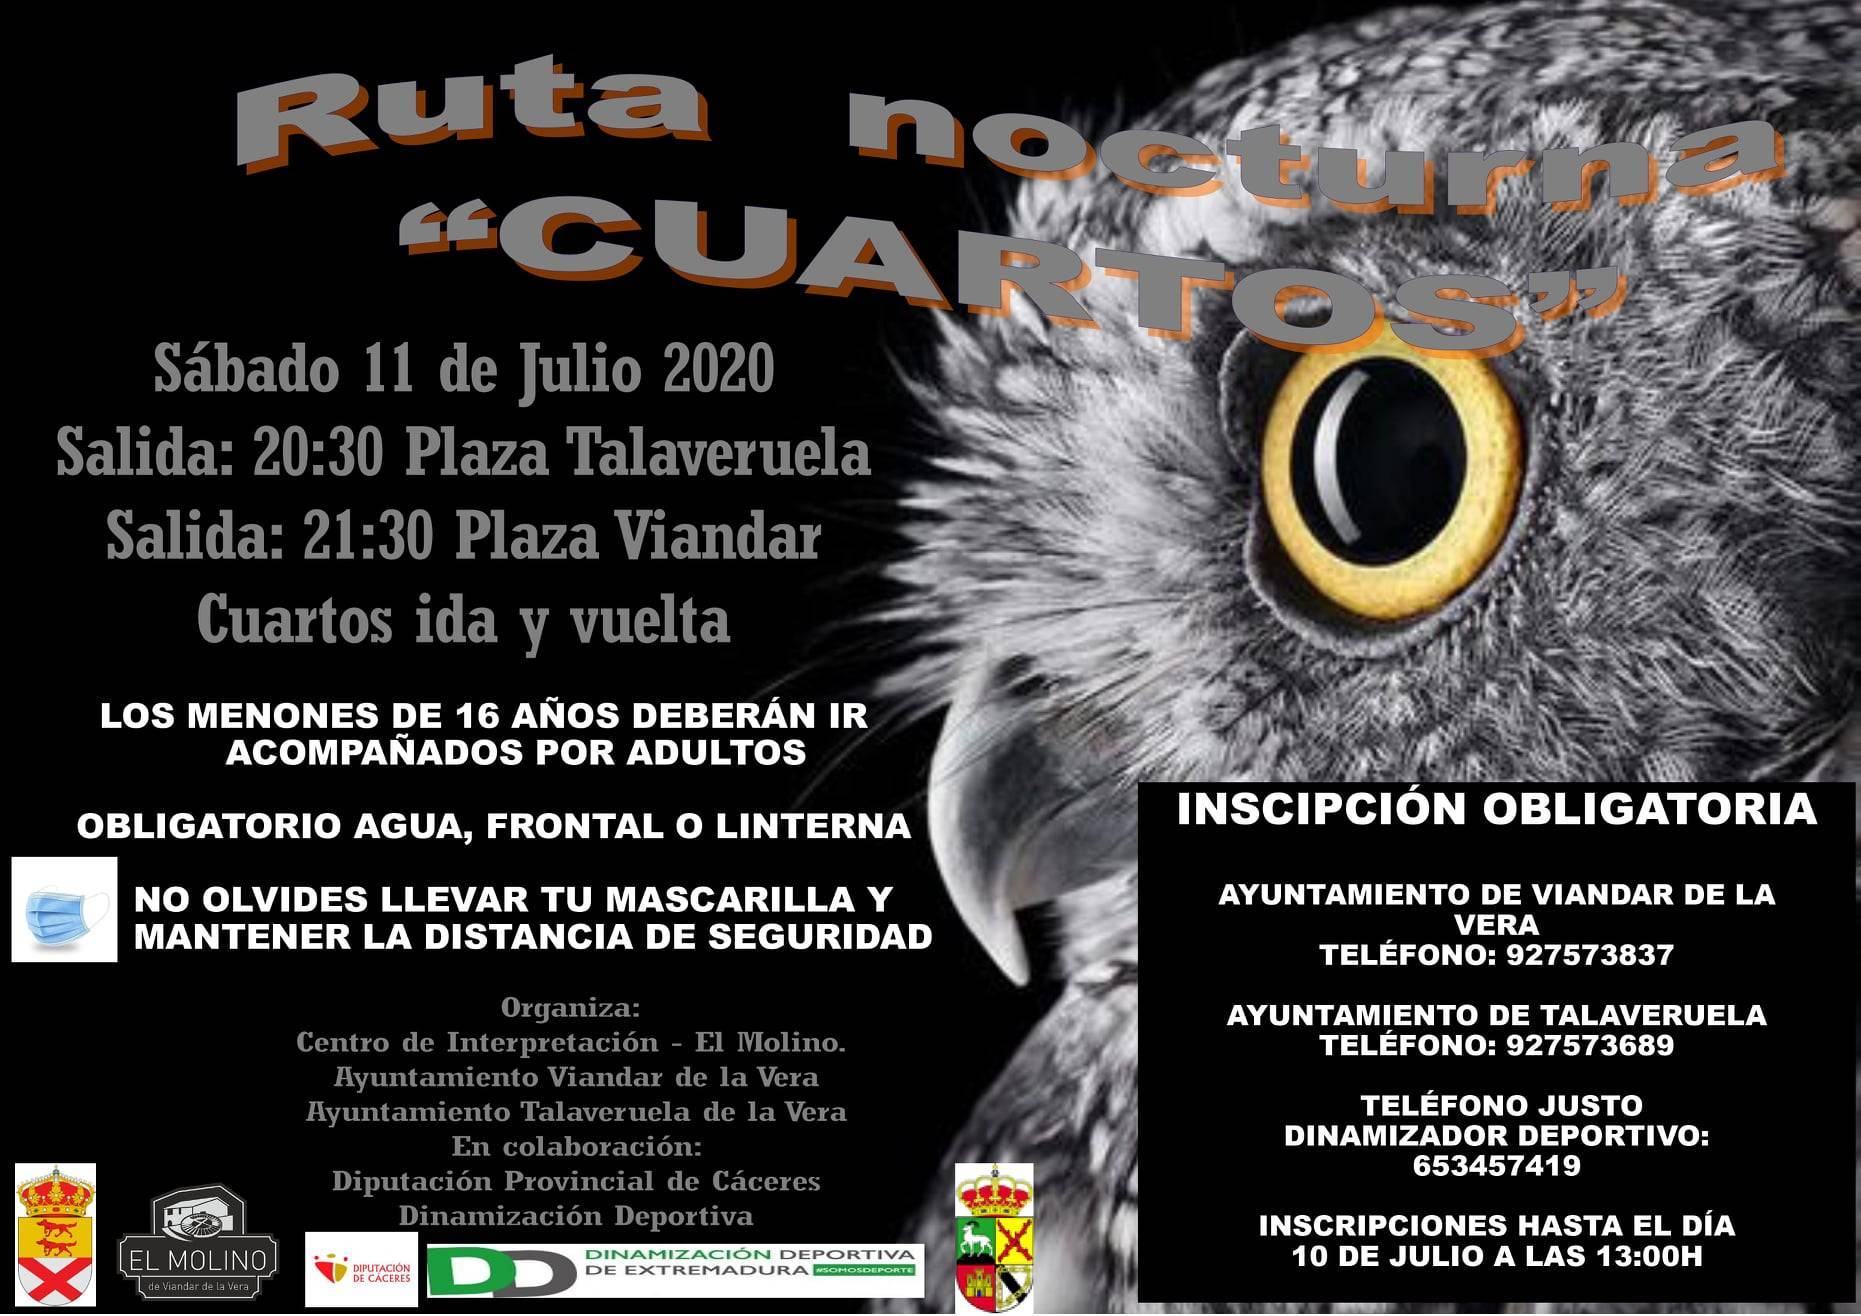 Ruta nocturna Cuartos 2020 - Talaveruela de la Vera (Cáceres) y Viandar de la Vera (Cáceres)